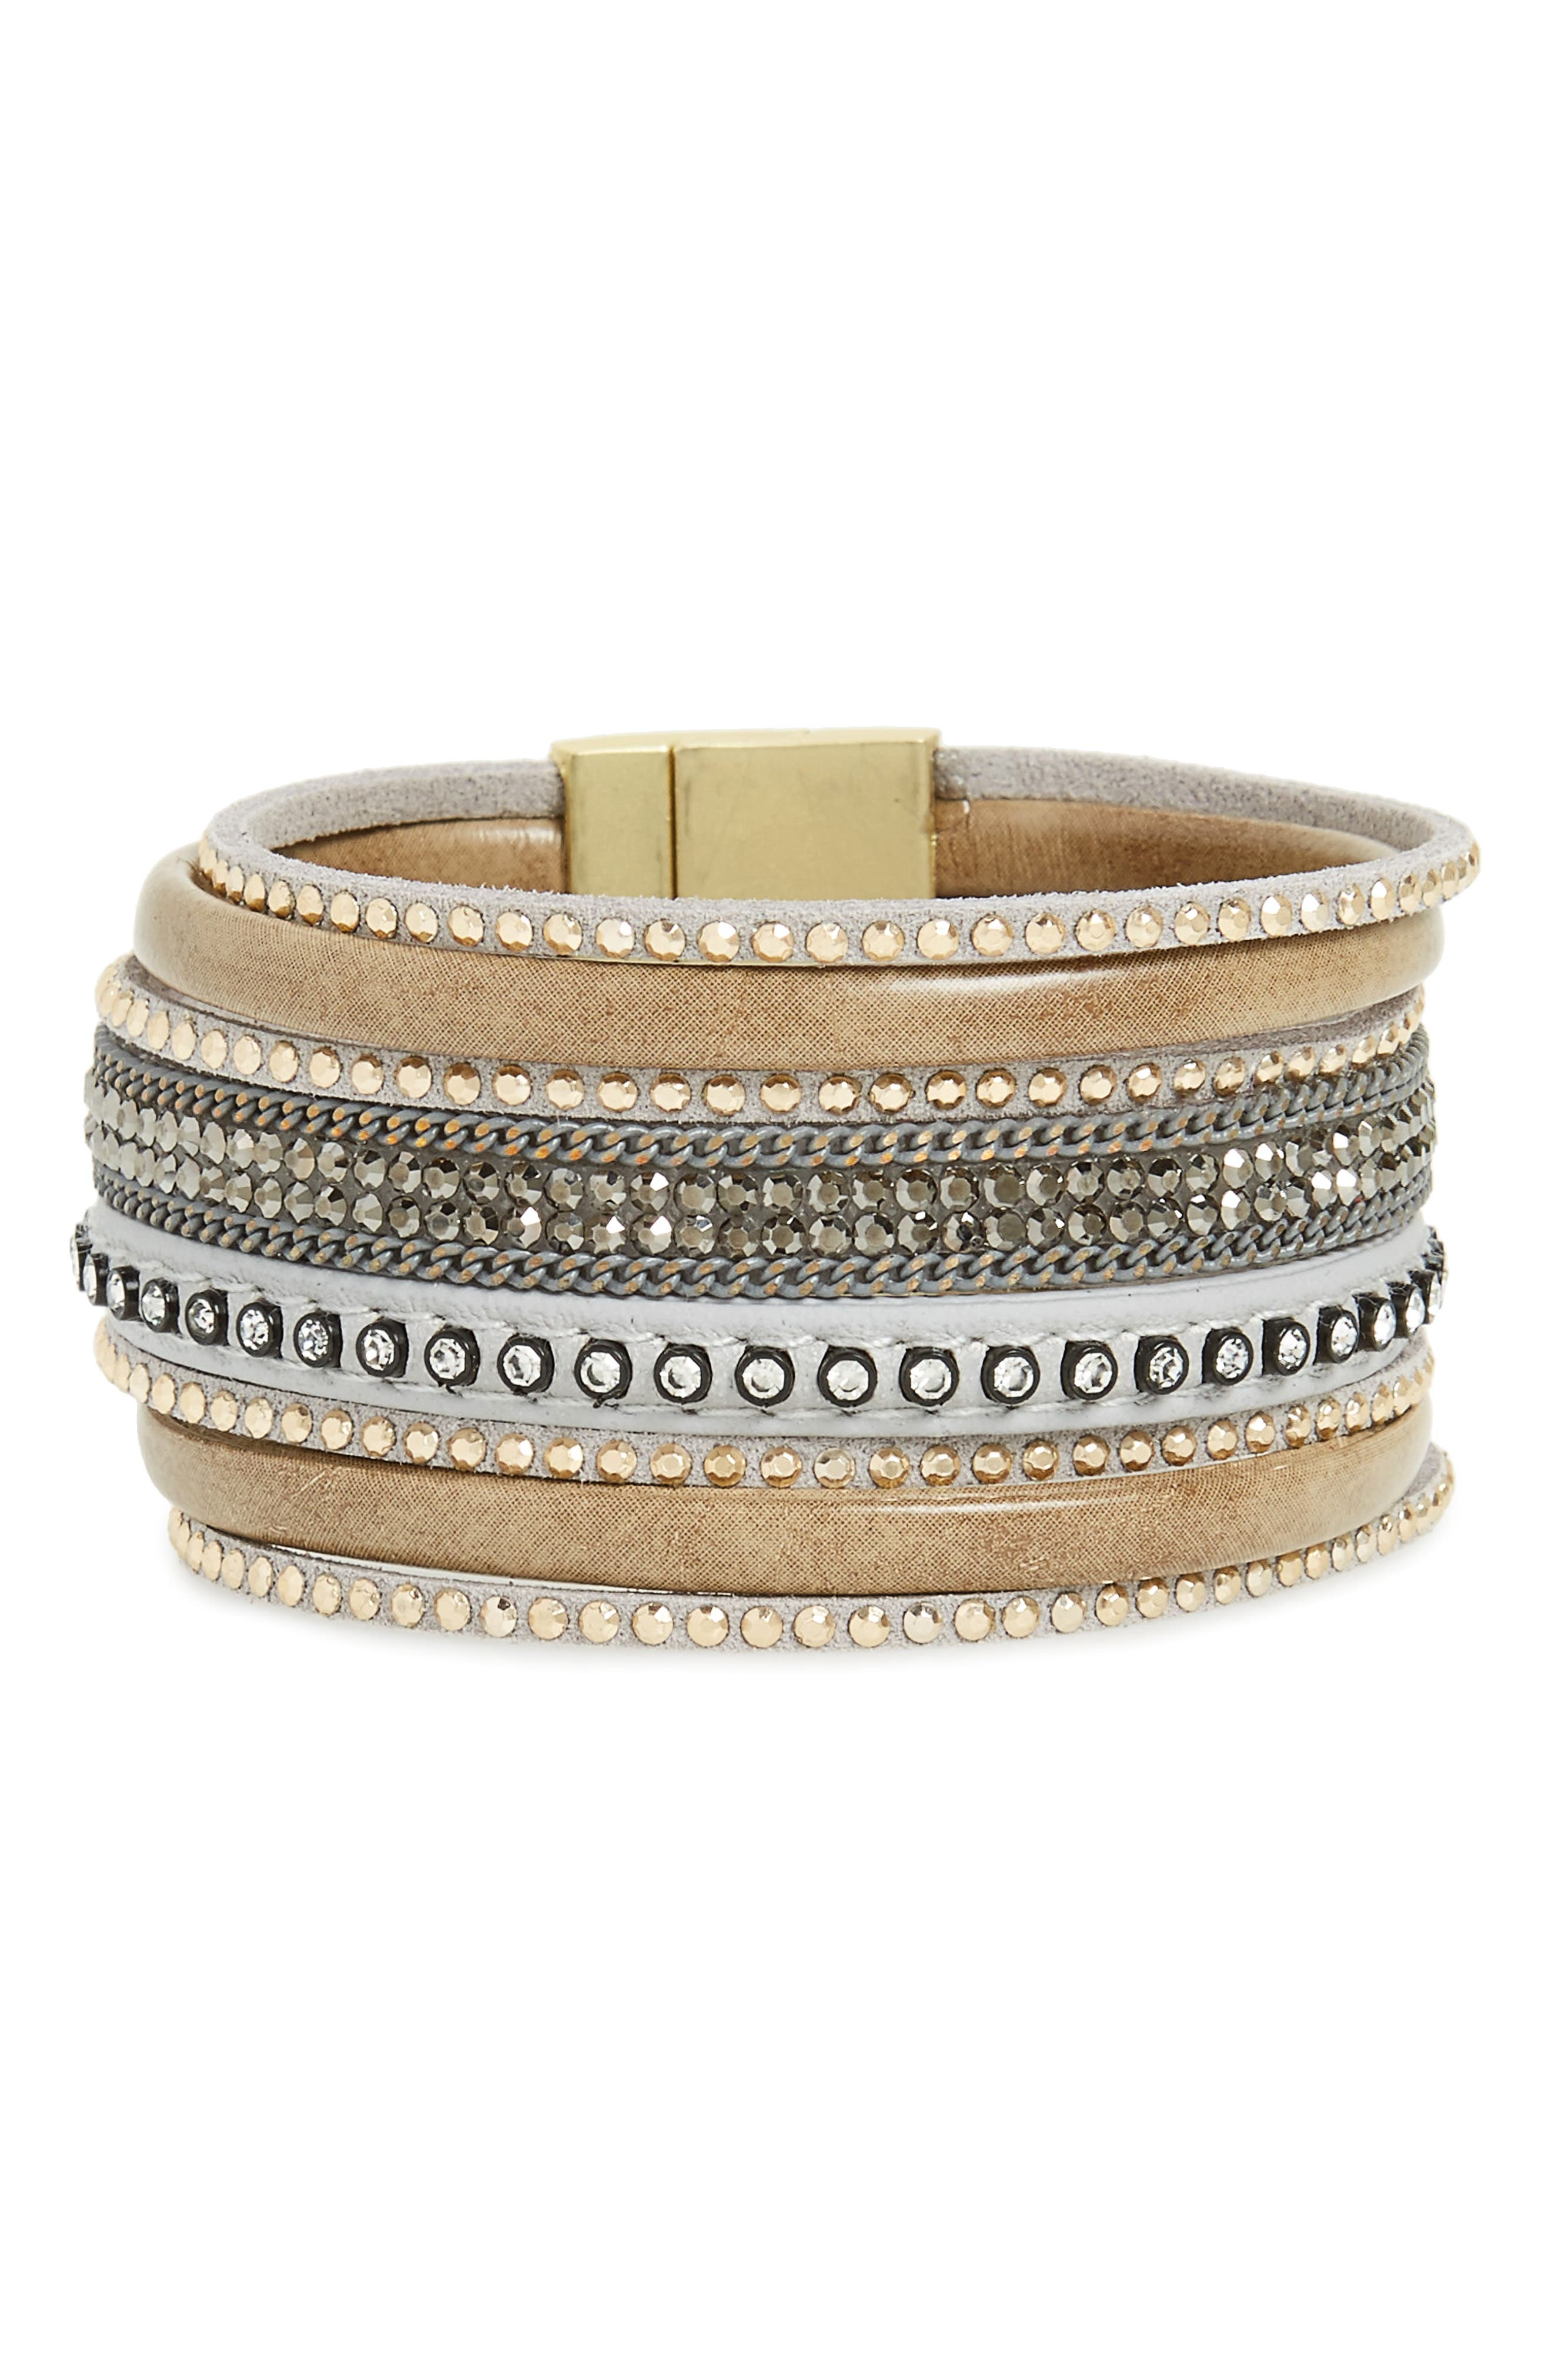 Panacea Faux Leather Bracelet